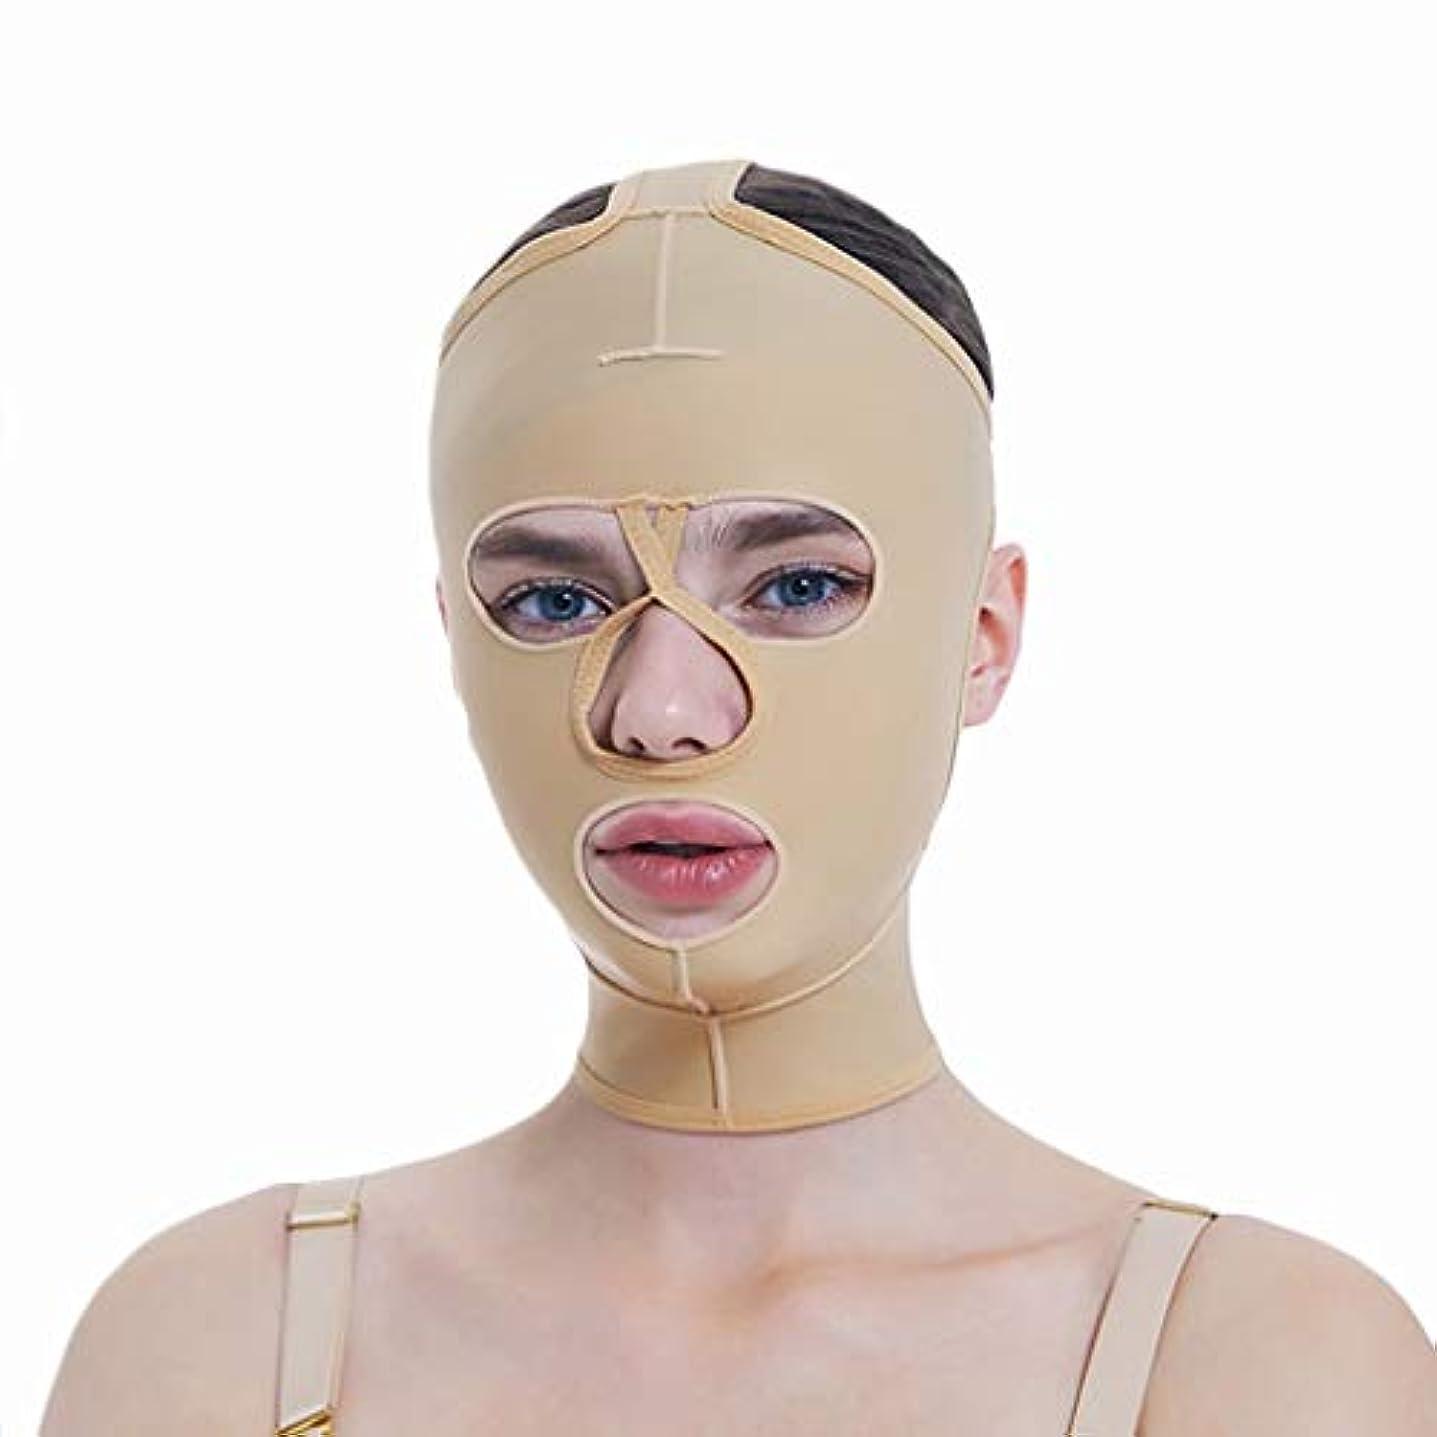 馬鹿時アデレード顔の減量マスク、フルカバレッジ包帯、フルフェイスリフティングマスク、フェイスマスク、快適で通気性、リフティングシェーピング (Size : XL)